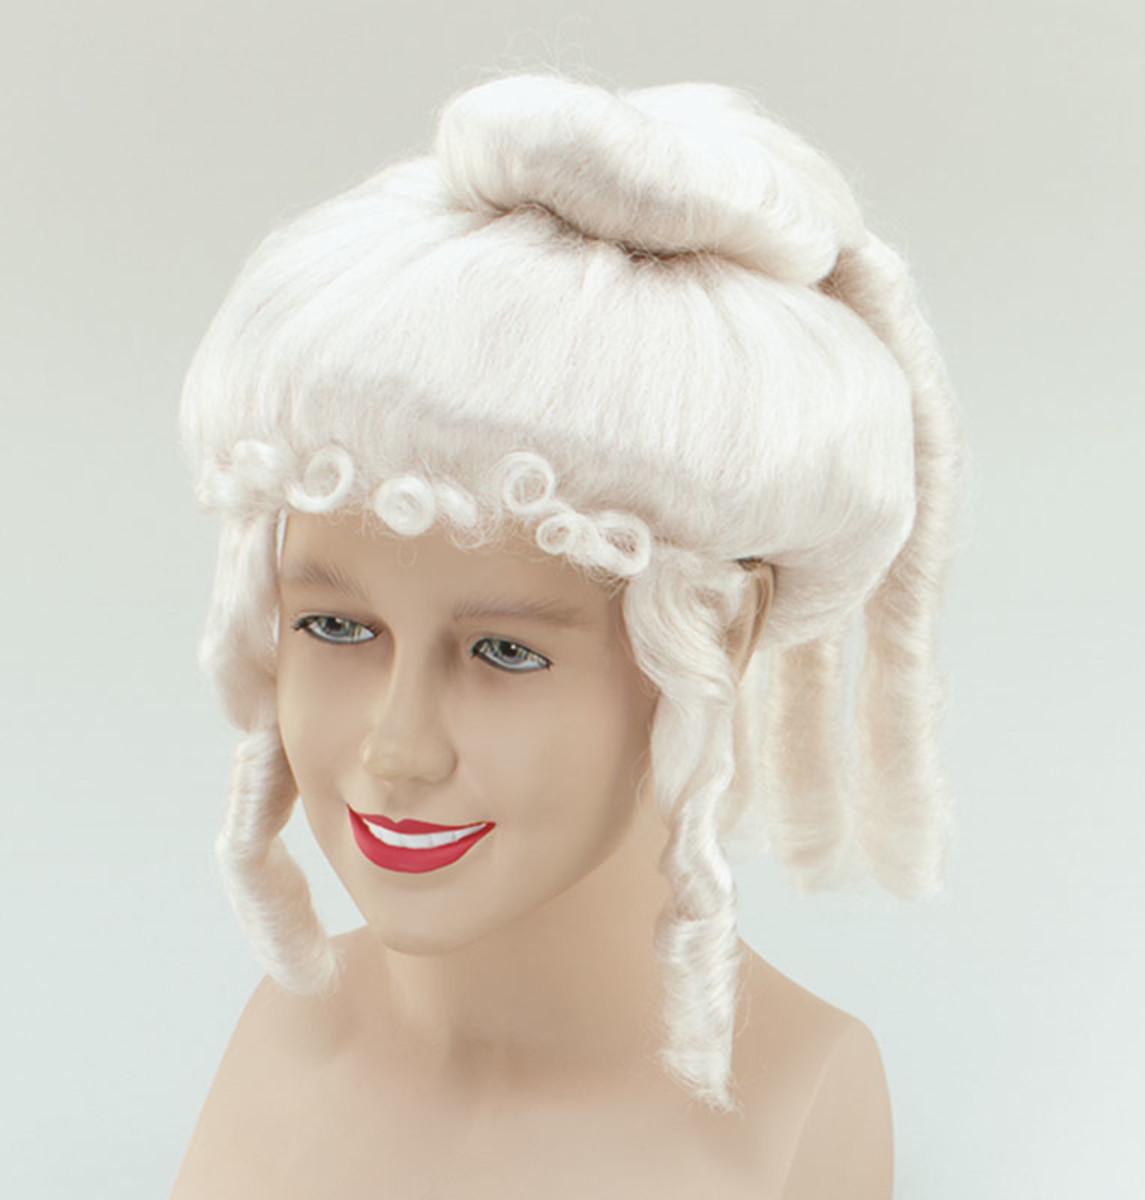 Cinderella Ballgown wig